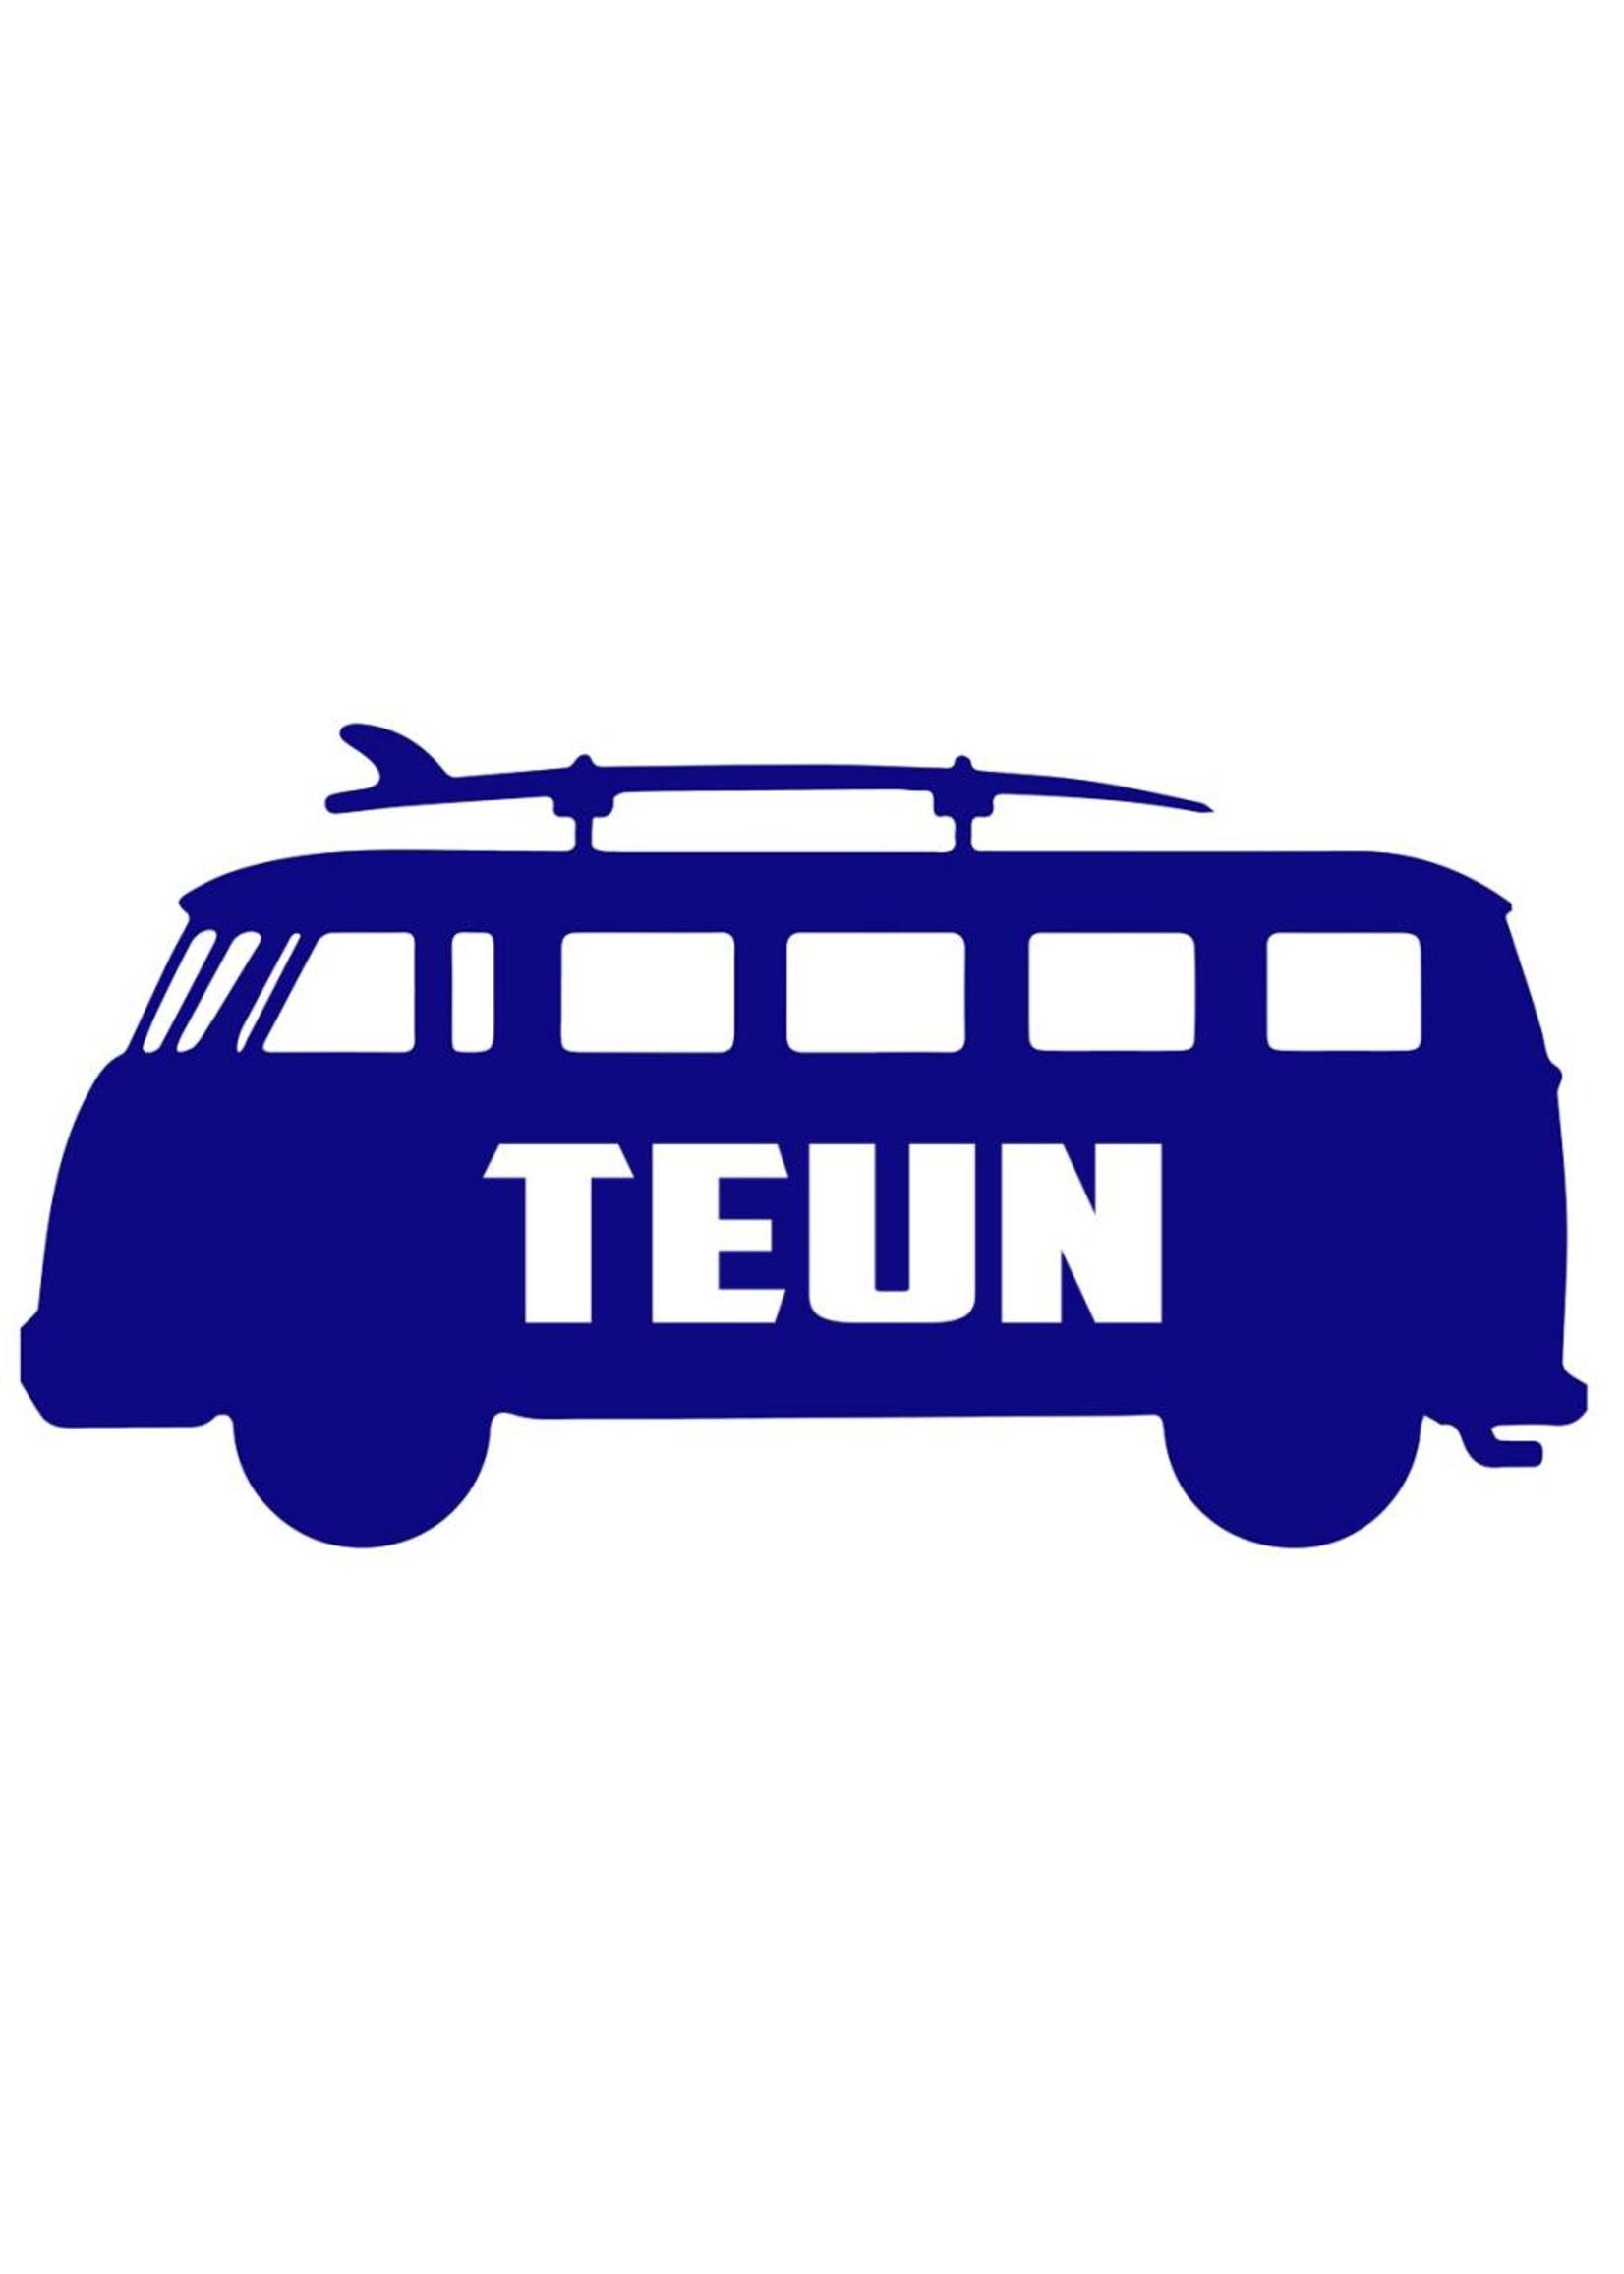 Muursticker volkswagenbus zijkant met naam